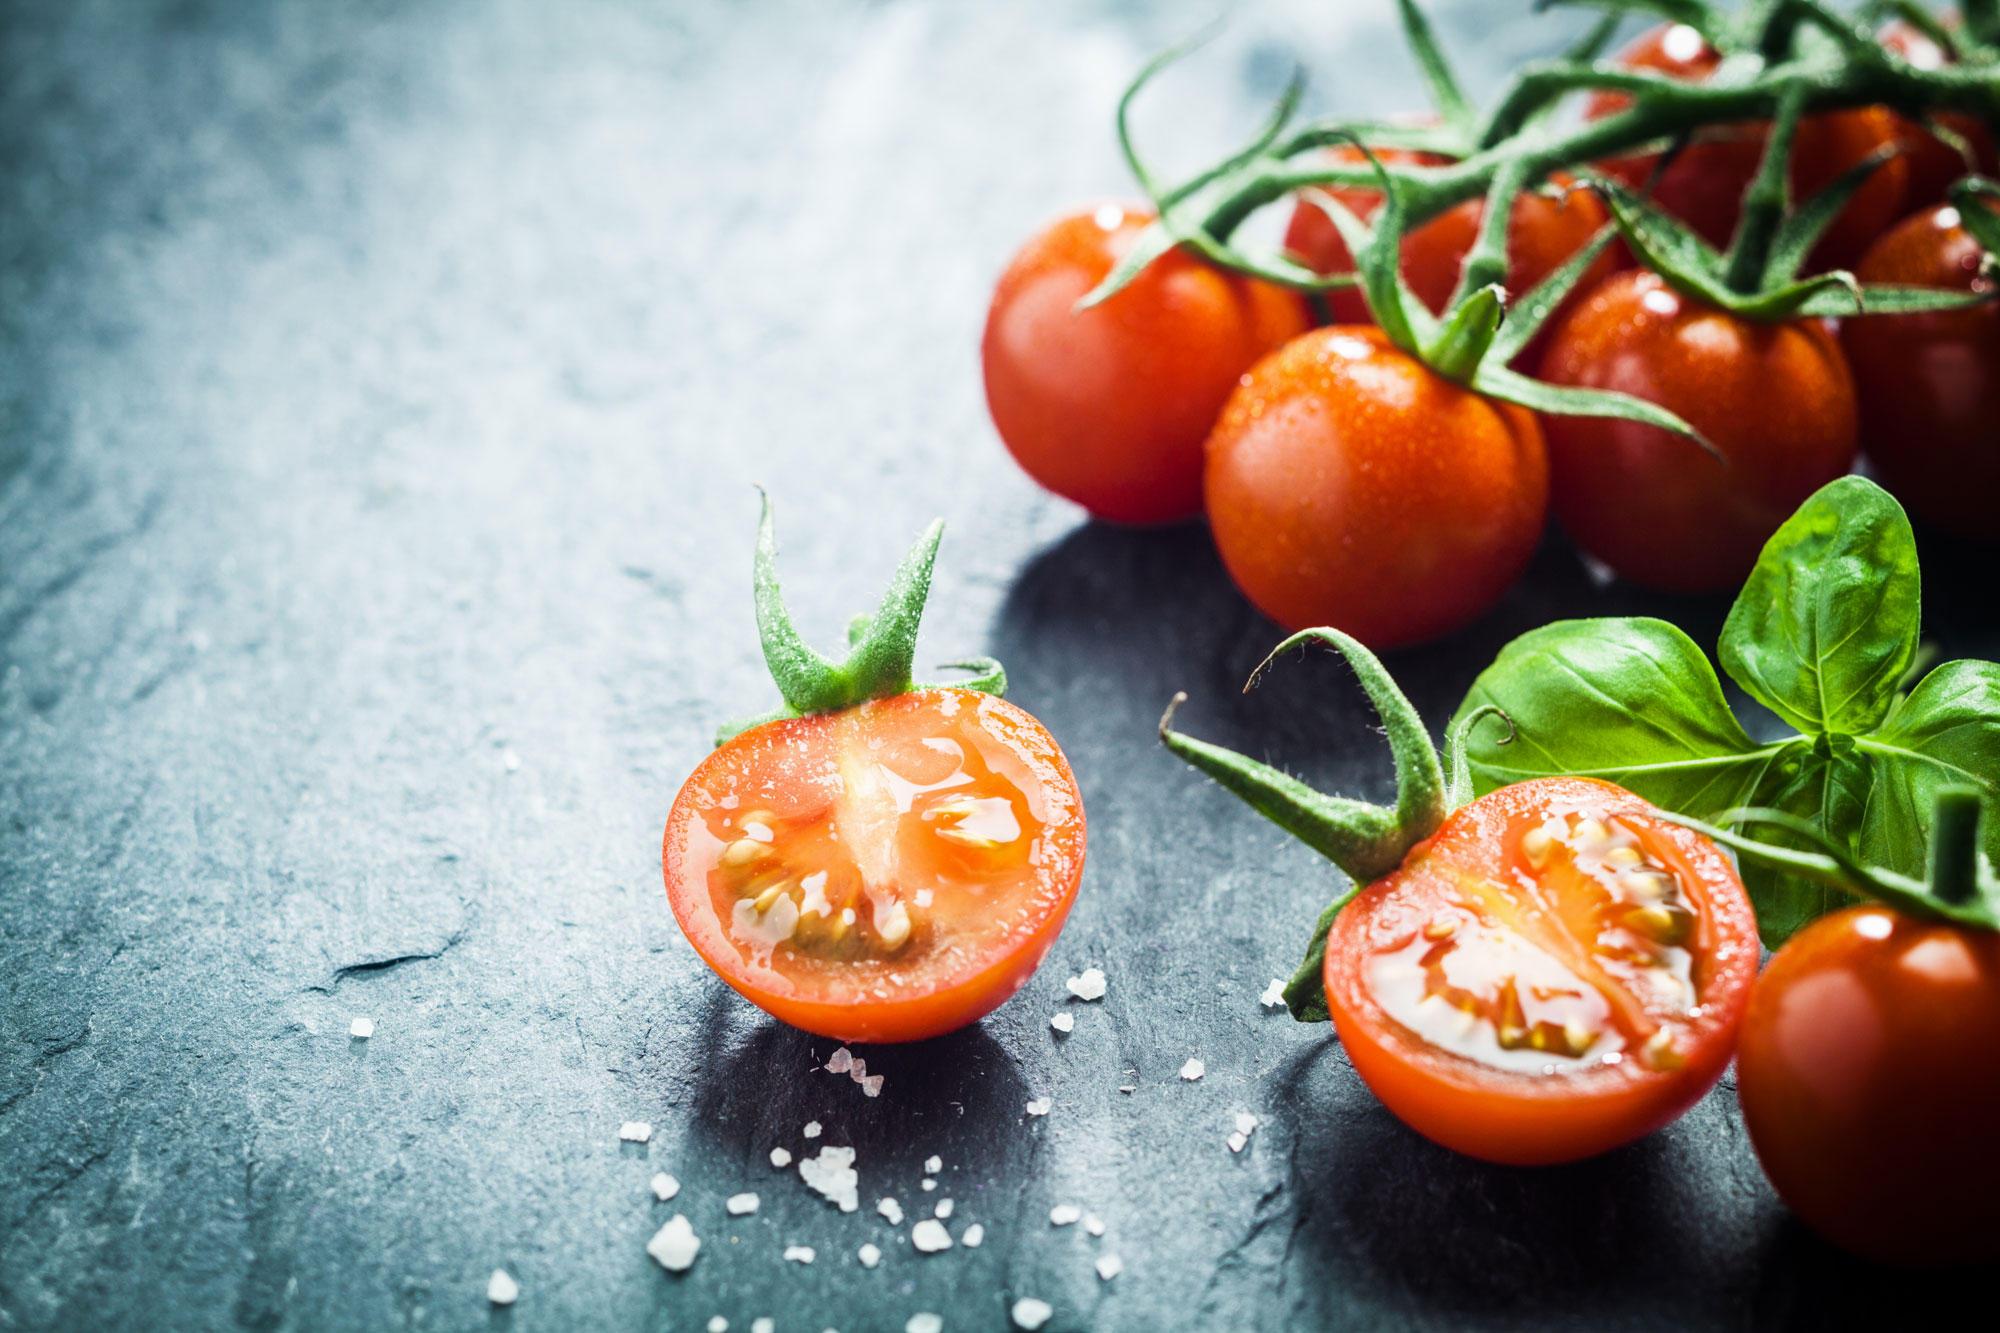 Kapriziöse Tomaten - so lagern Sie sie richtig